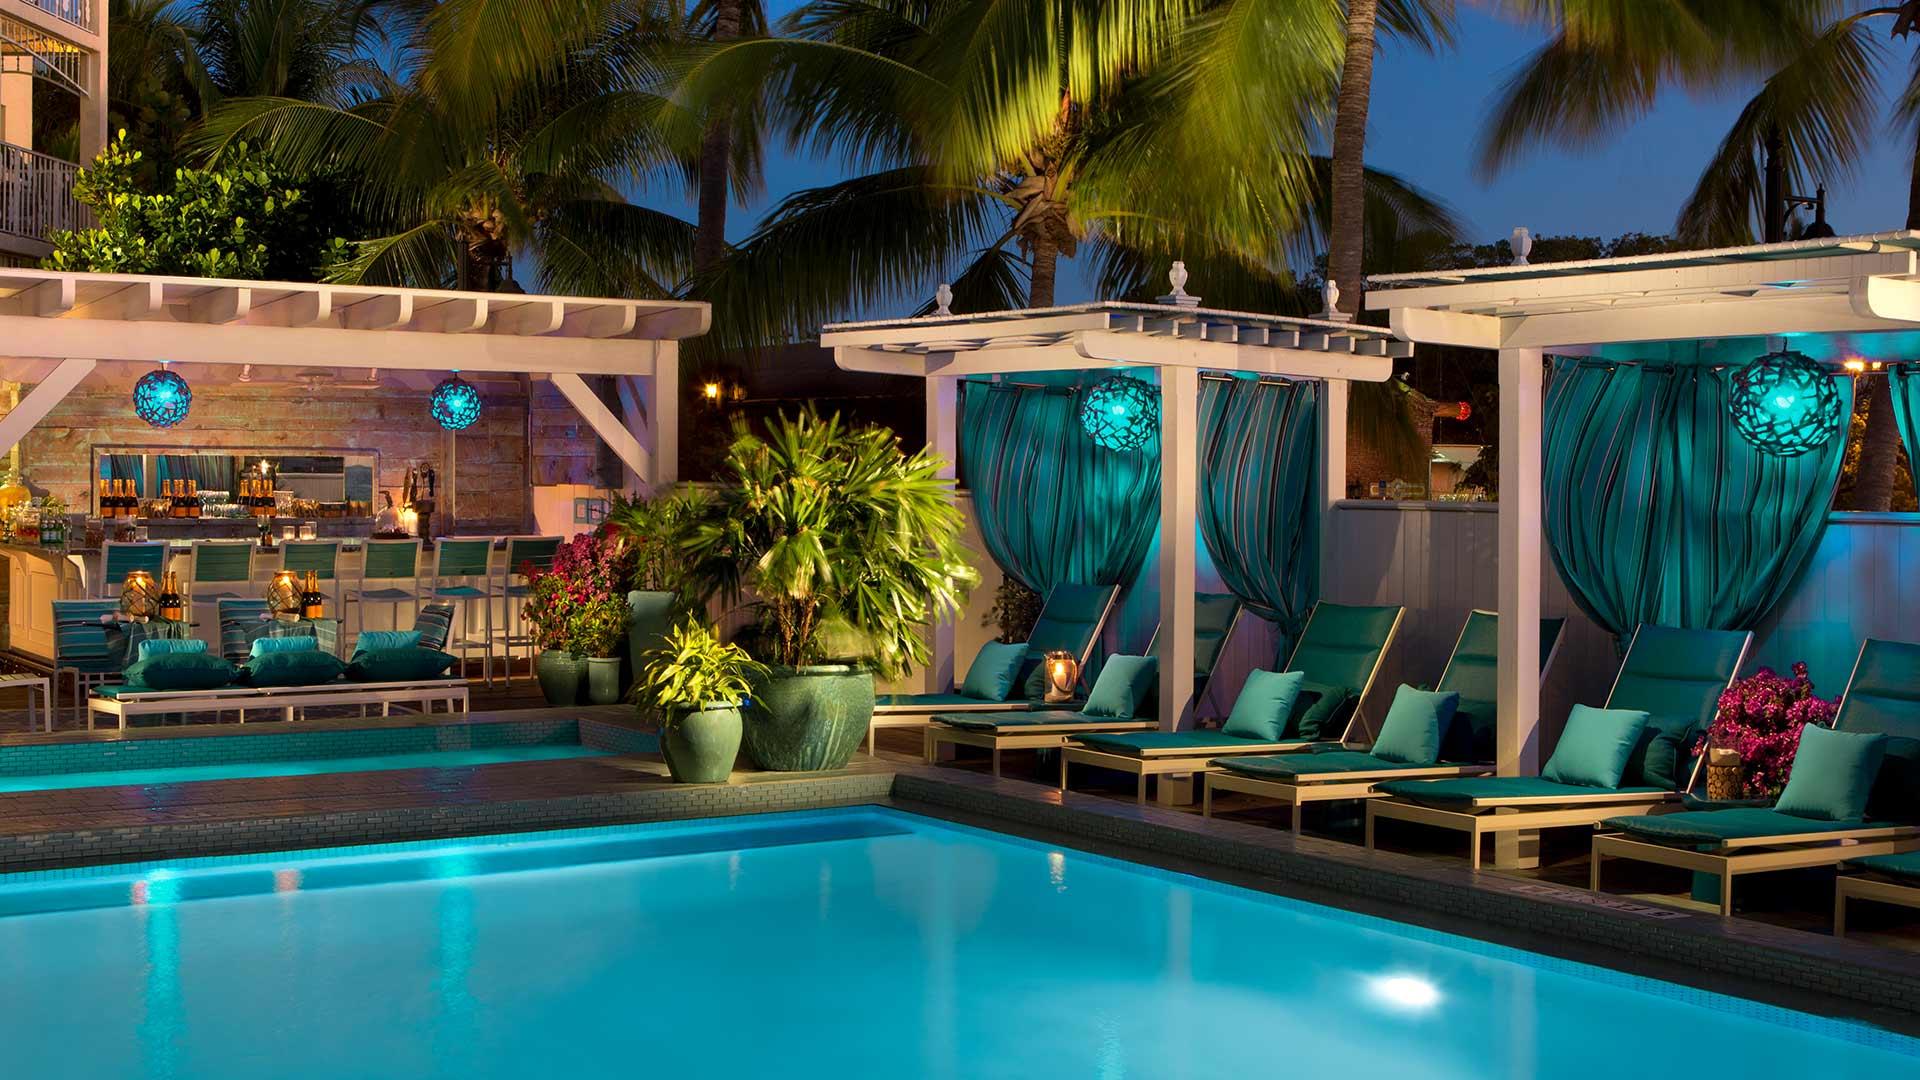 5 Star Resorts And Motel In Thailand And Bangkok Phuket